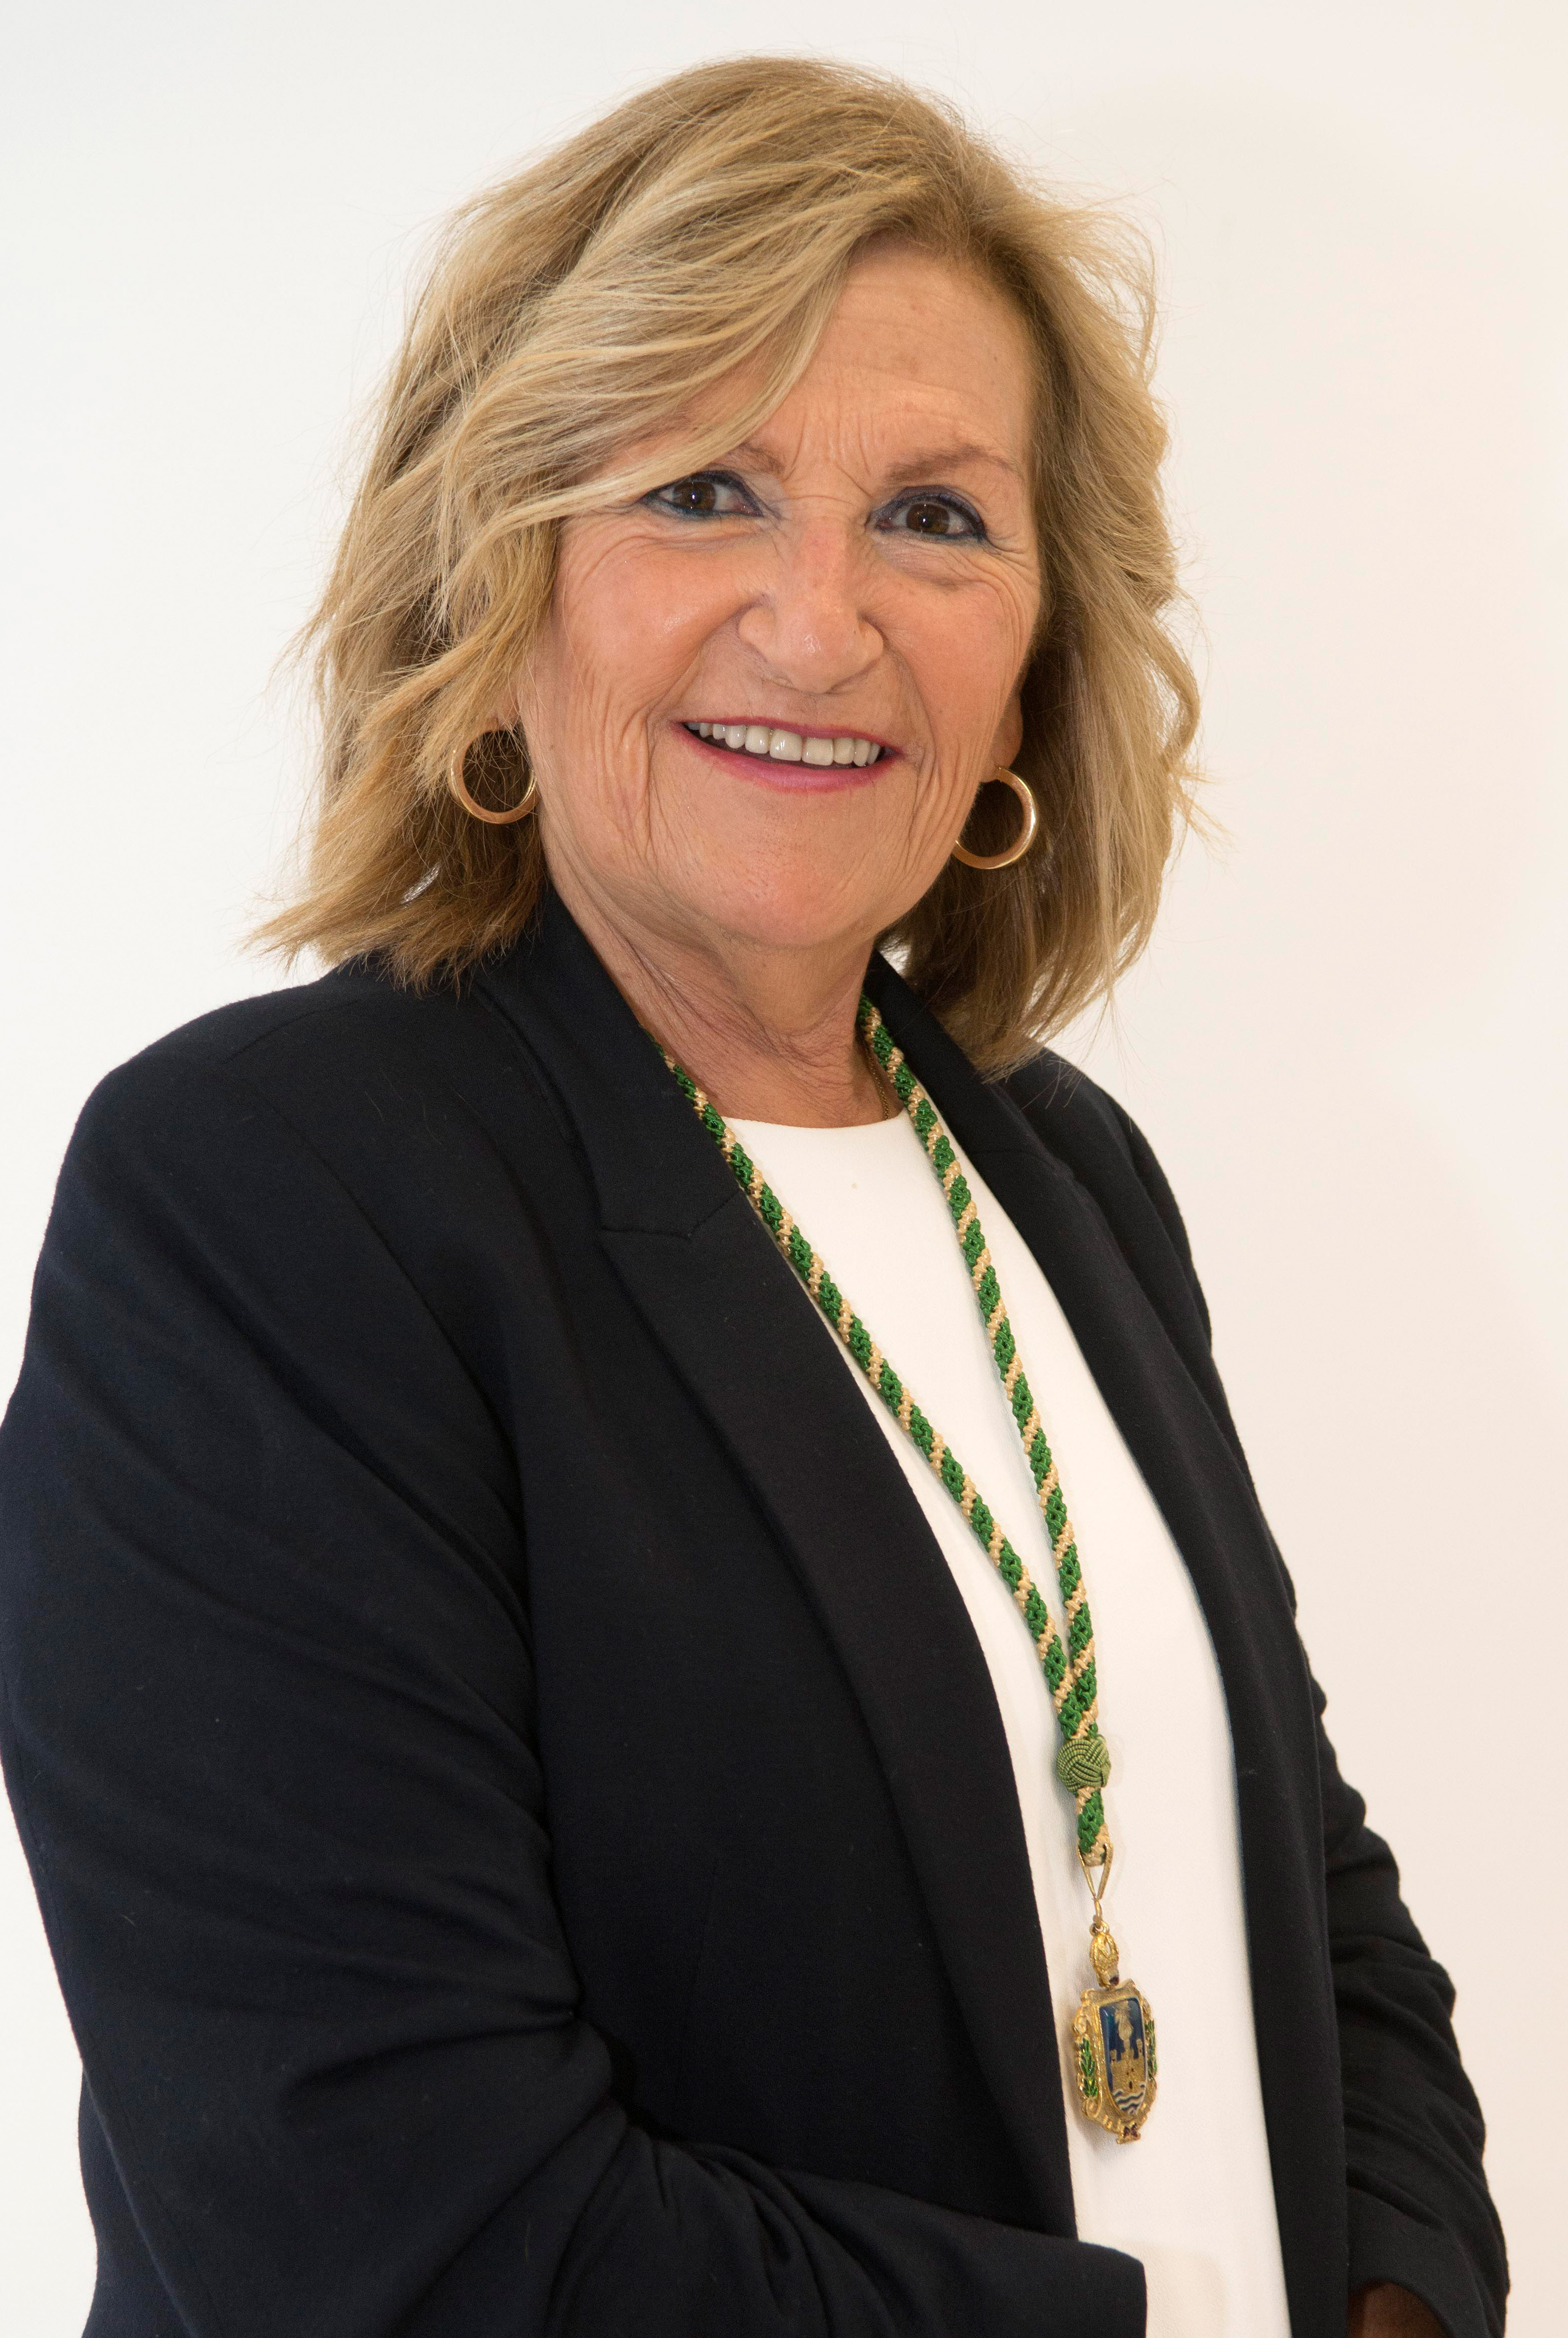 María del Carmen Lara Barea